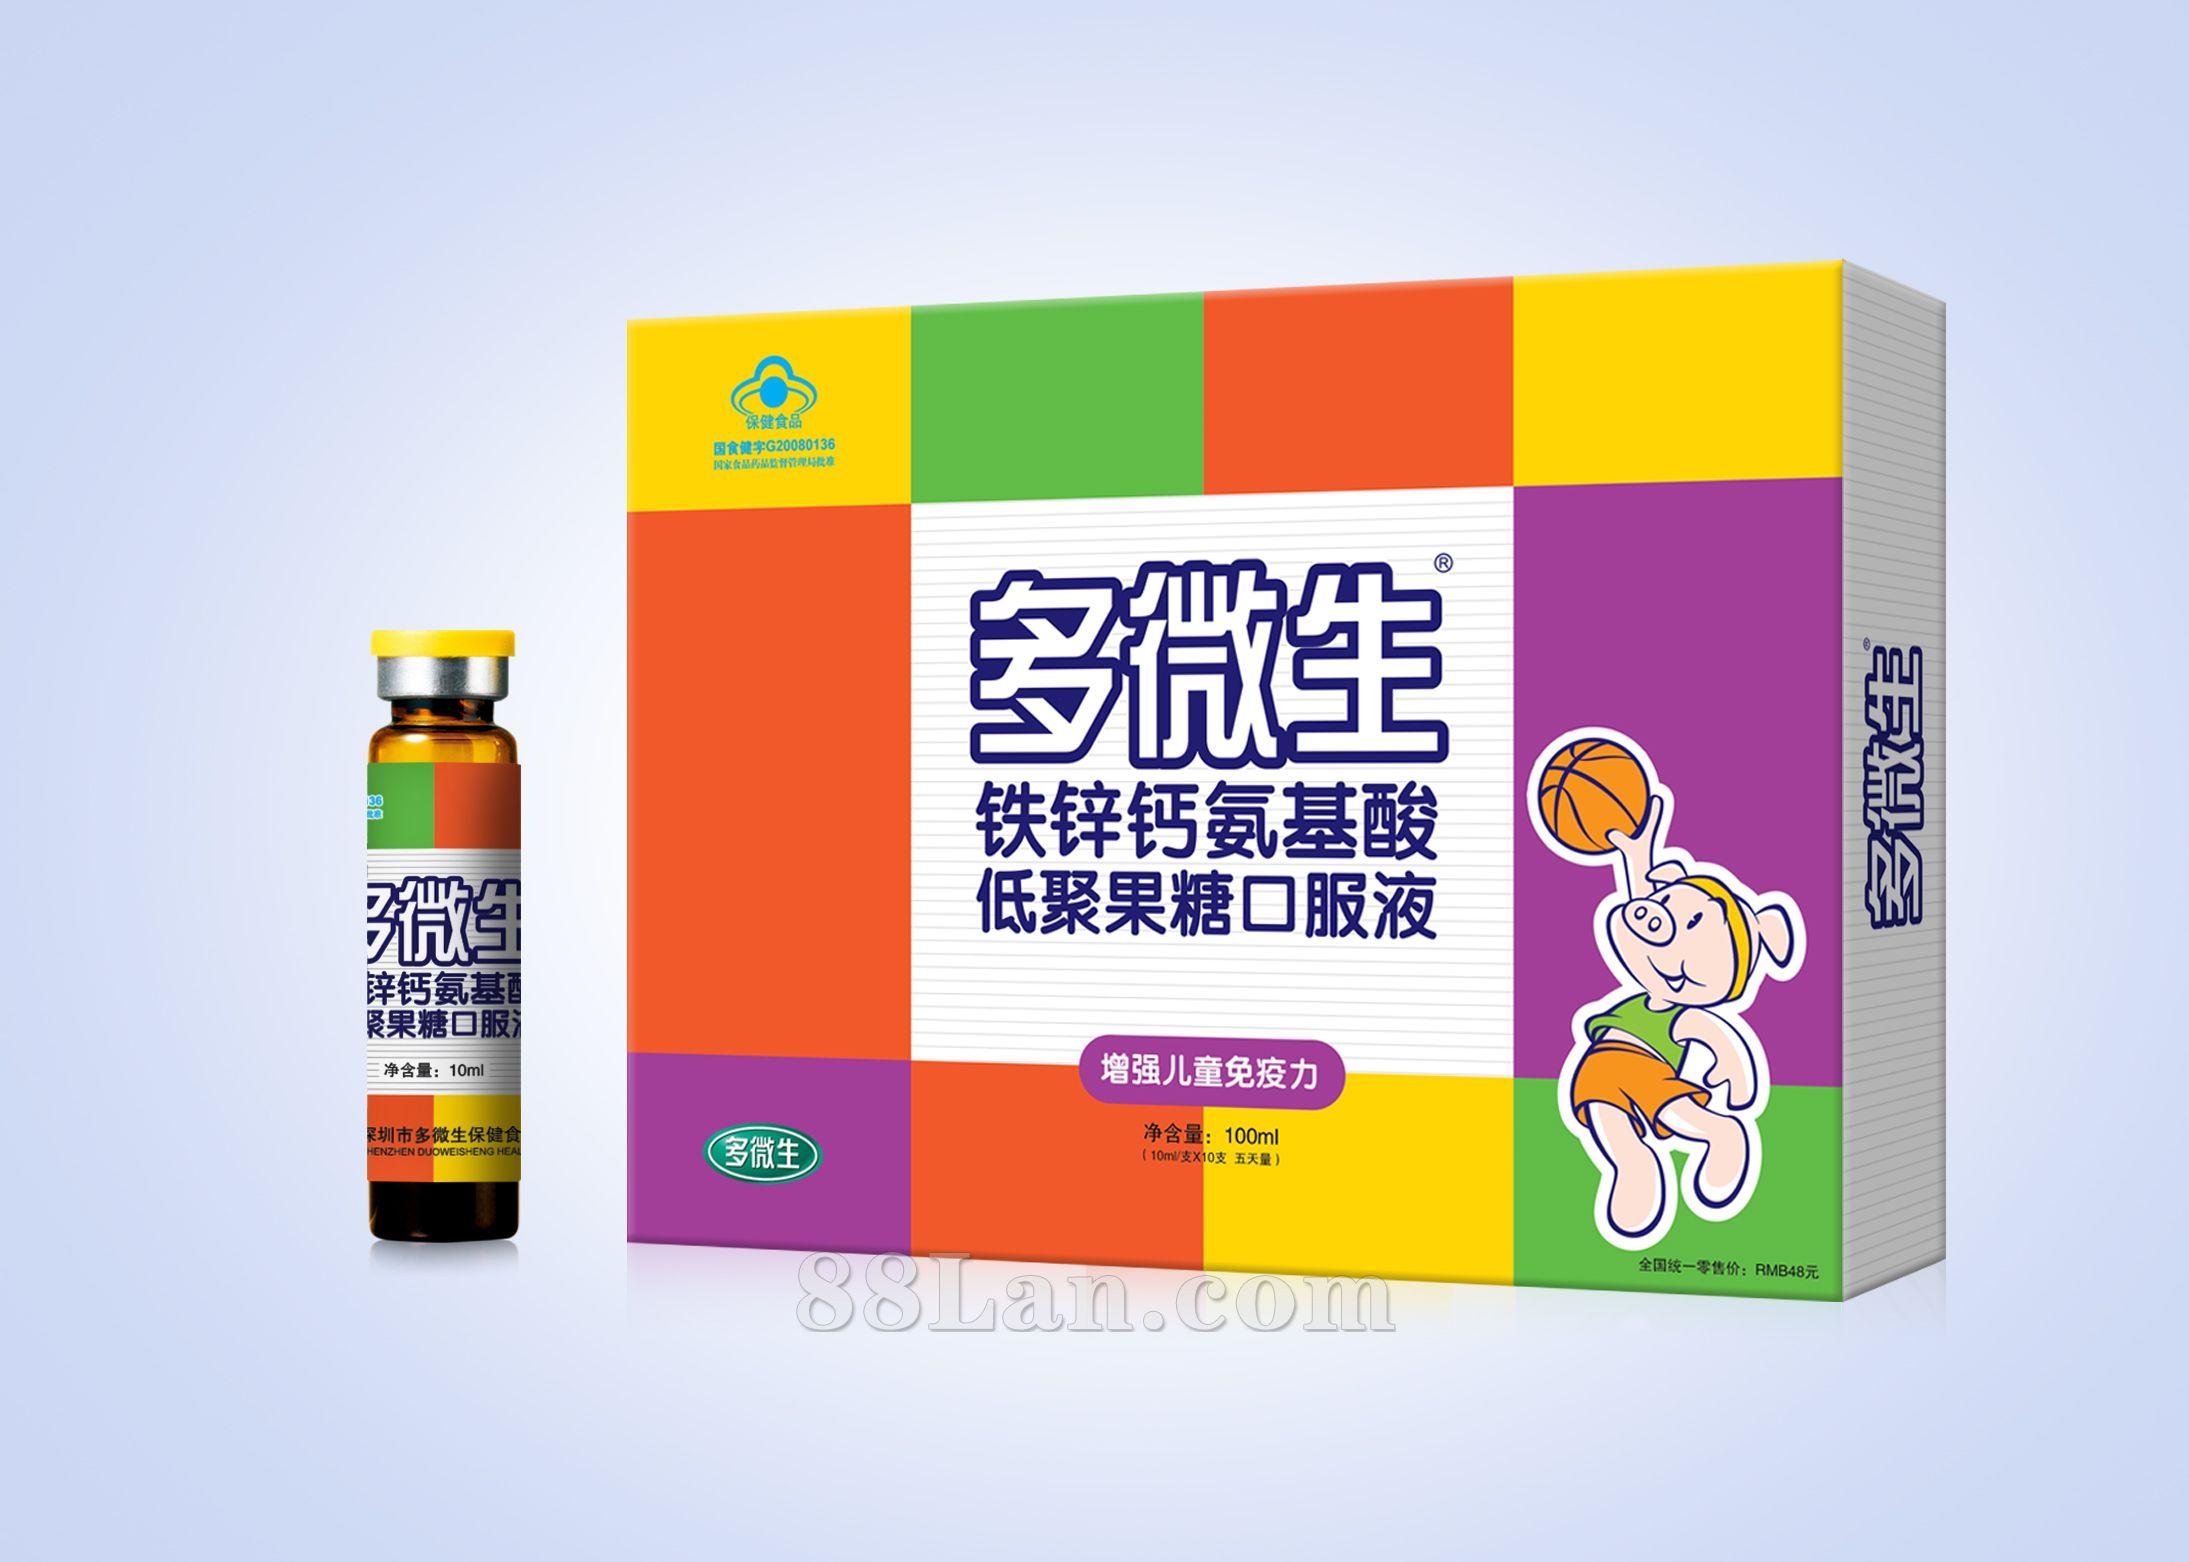 儿童铁锌钙氨基酸低聚果糖口服液(儿童型)--单盒精品系列